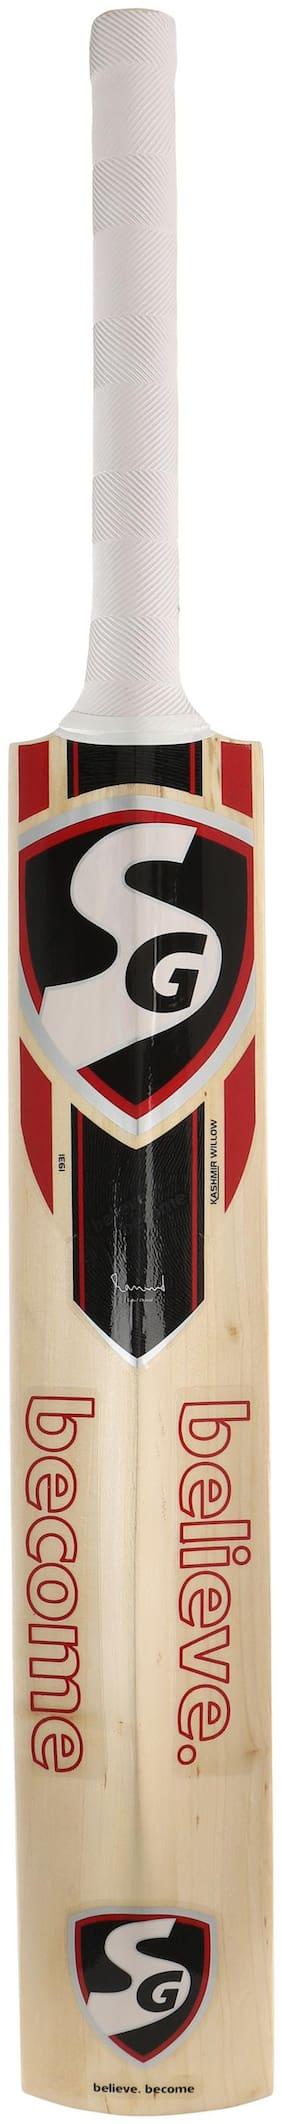 SG Boundary-Classic Bat Kashmir Willow Cricket Bats